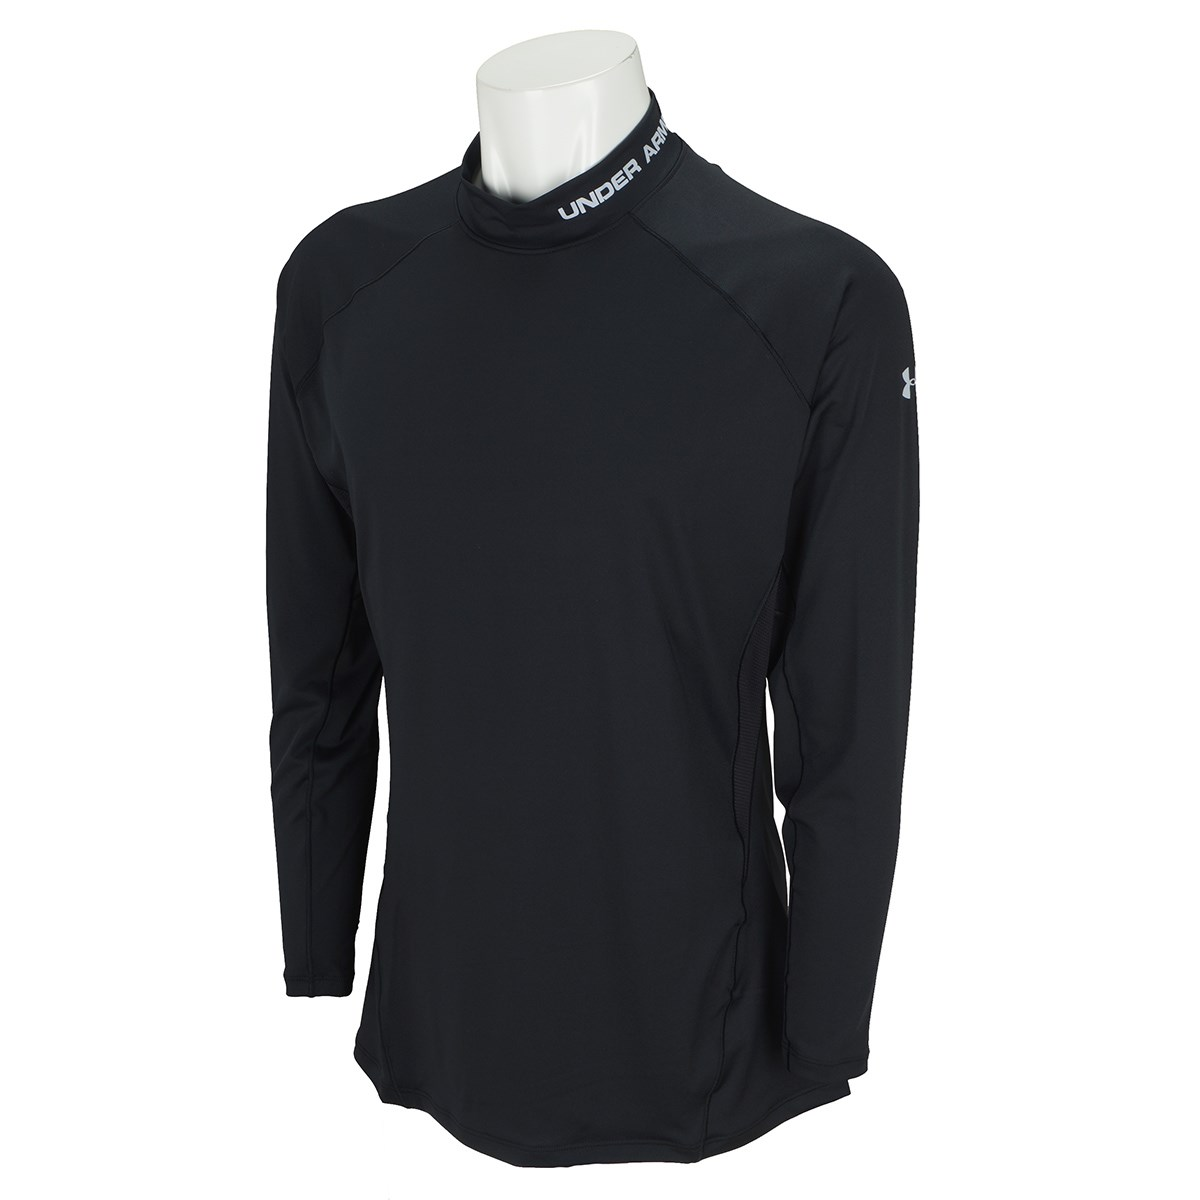 アンダーアーマー Under Armour UA HG フィット長袖モックシャツ LG Black/Mod Gray